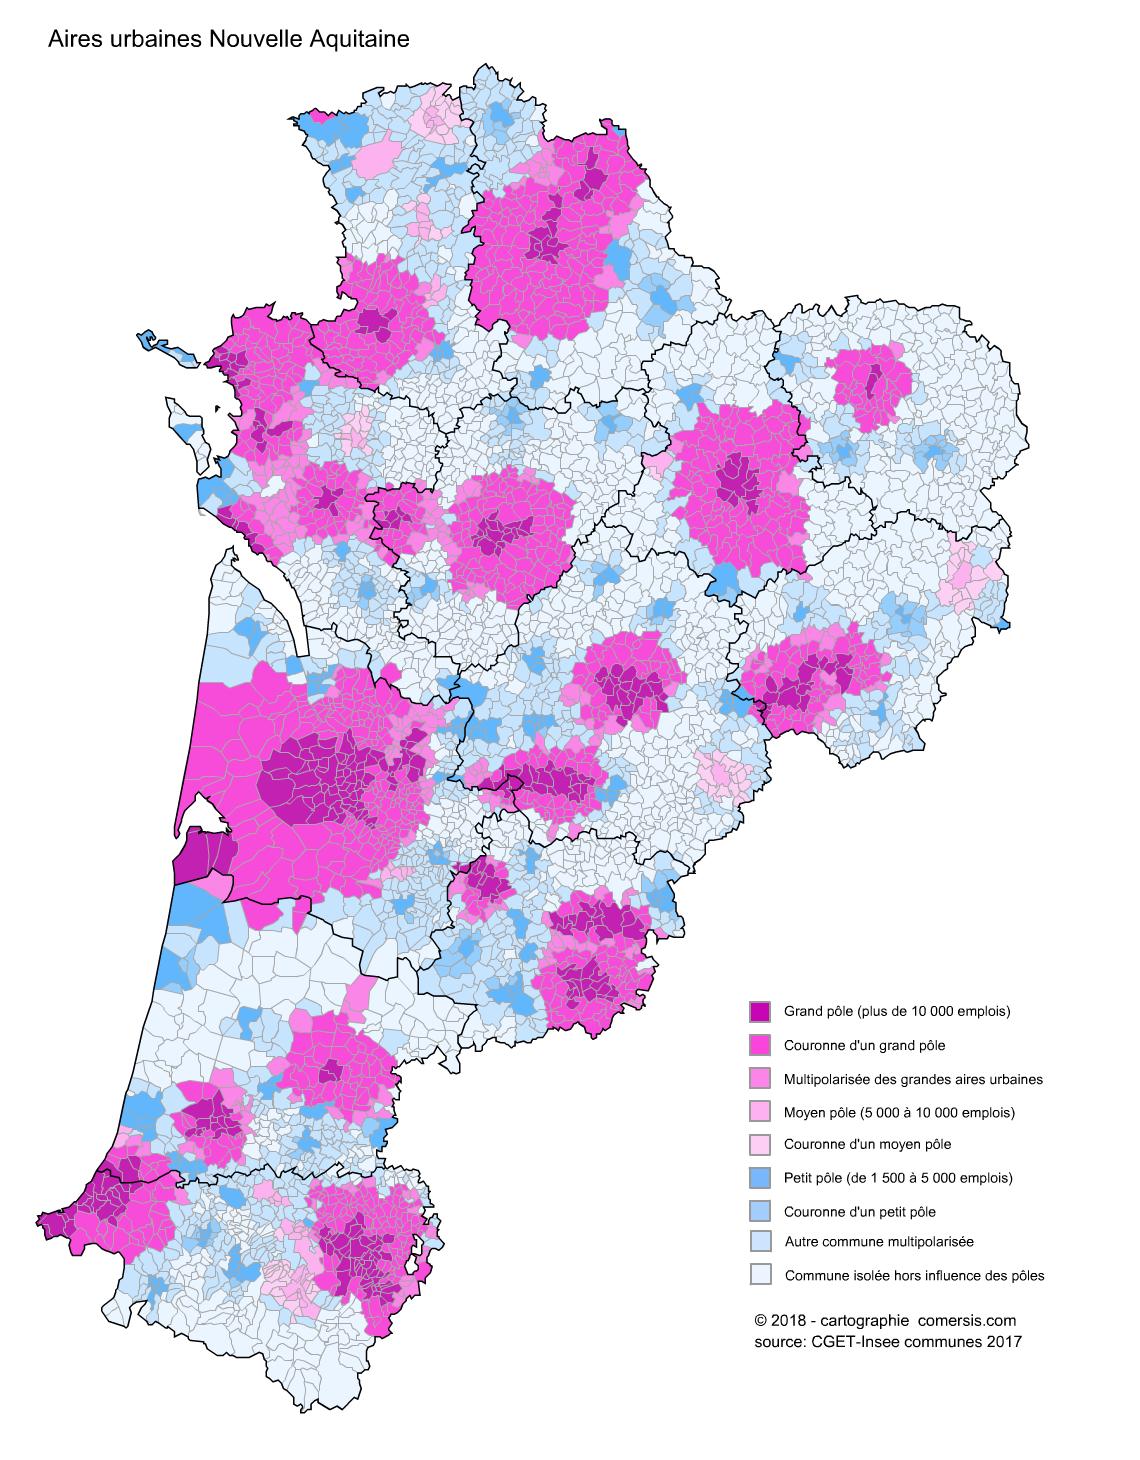 Carte des aires urbaines de Nouvelle Aquitaine